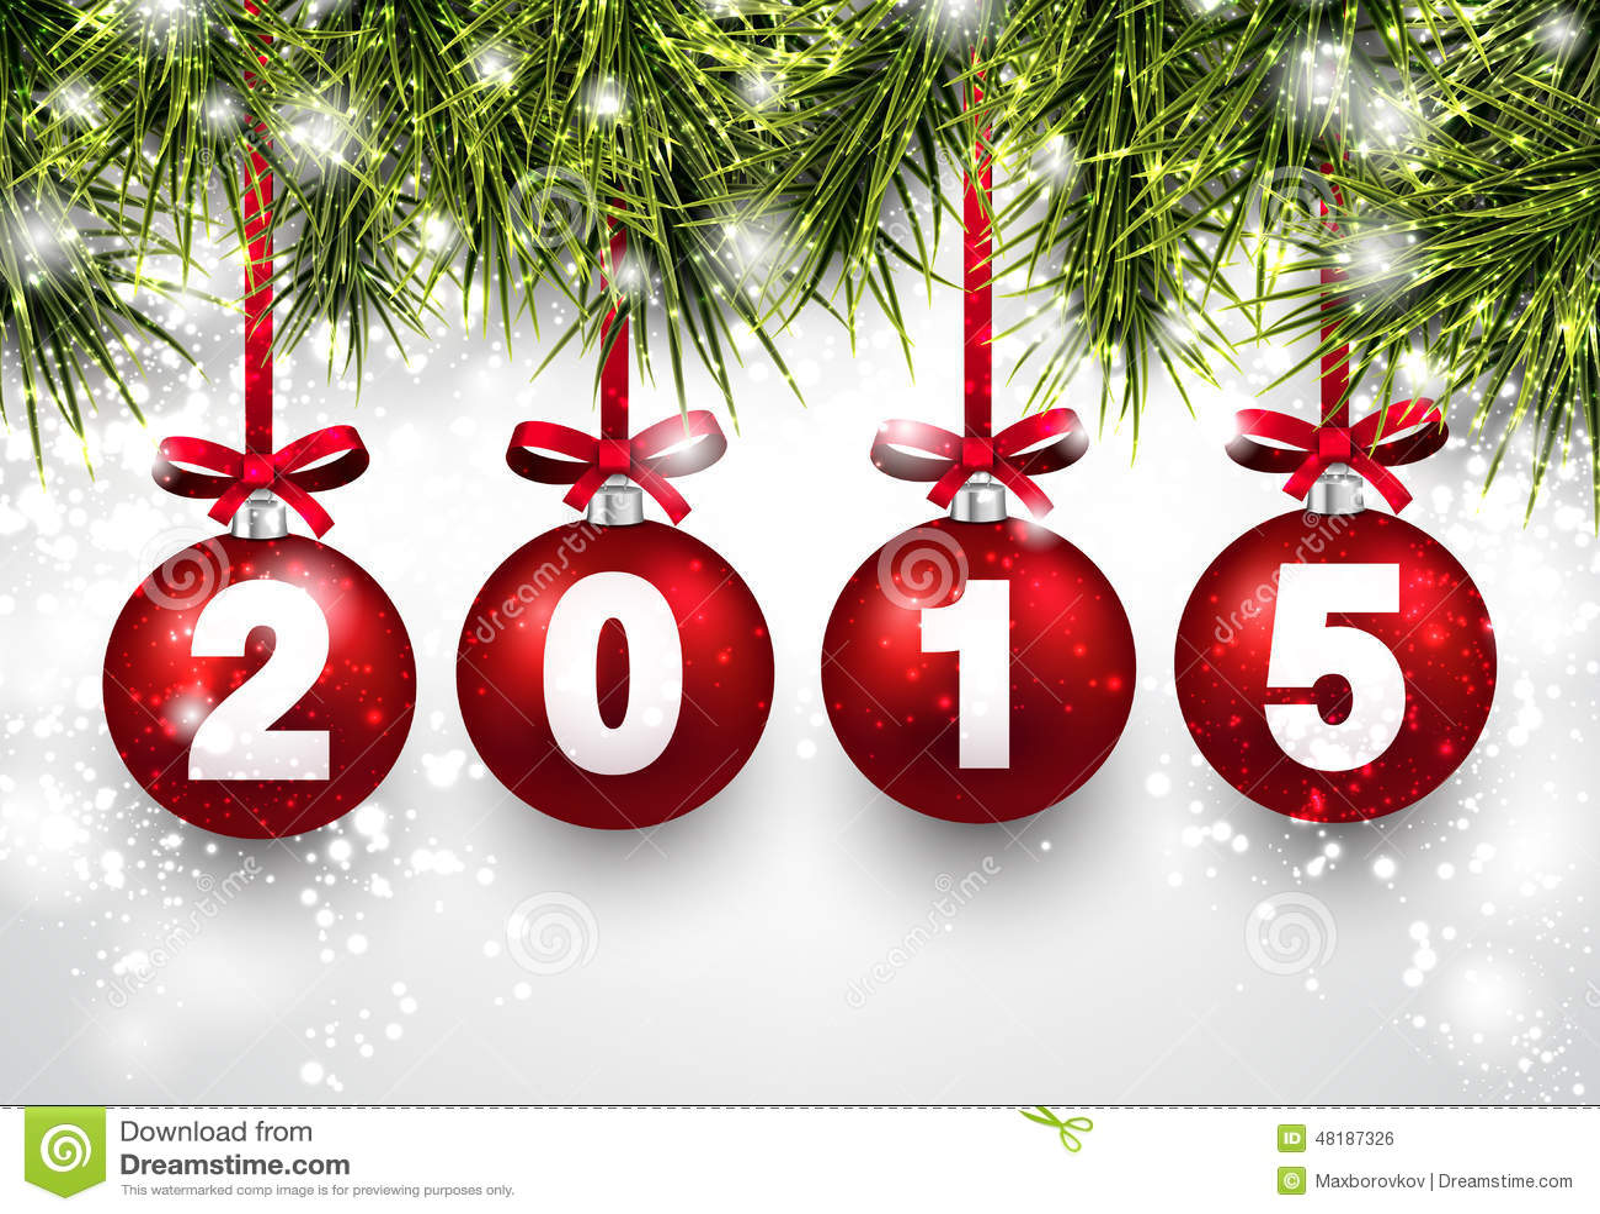 noel 2015